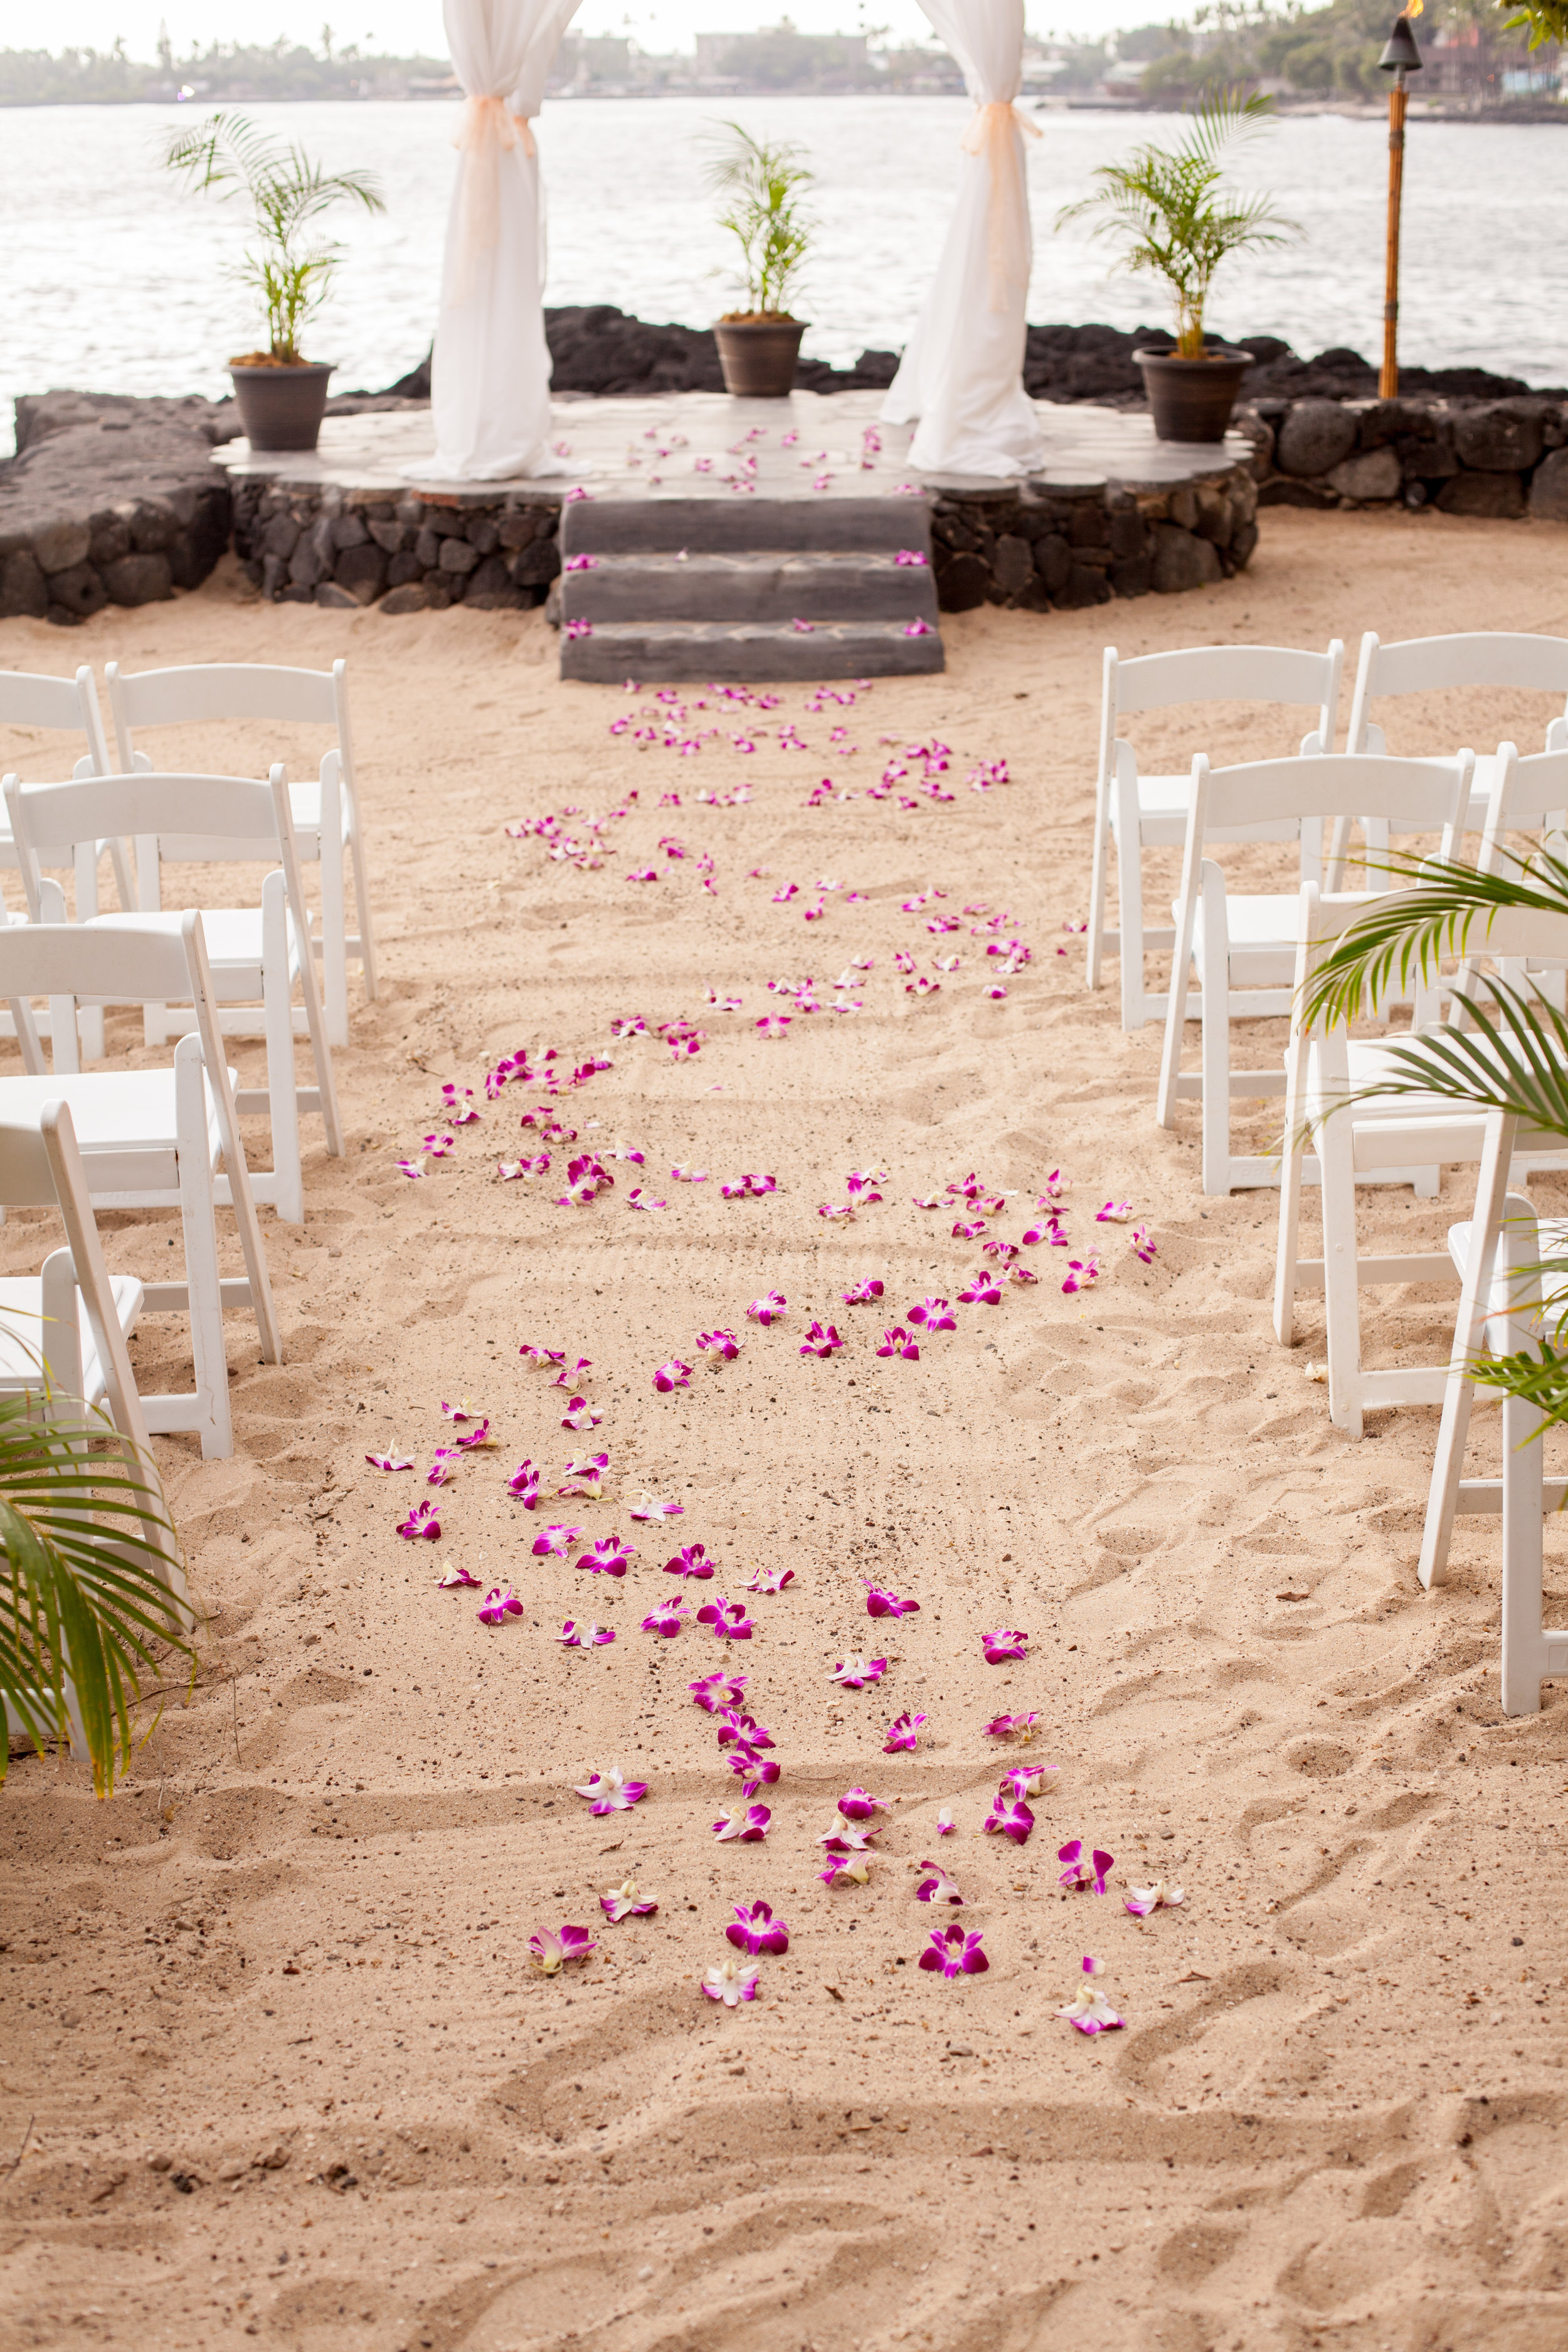 big island hawaii royal kona resort beach wedding © kelilina photography 20170615165825.jpg